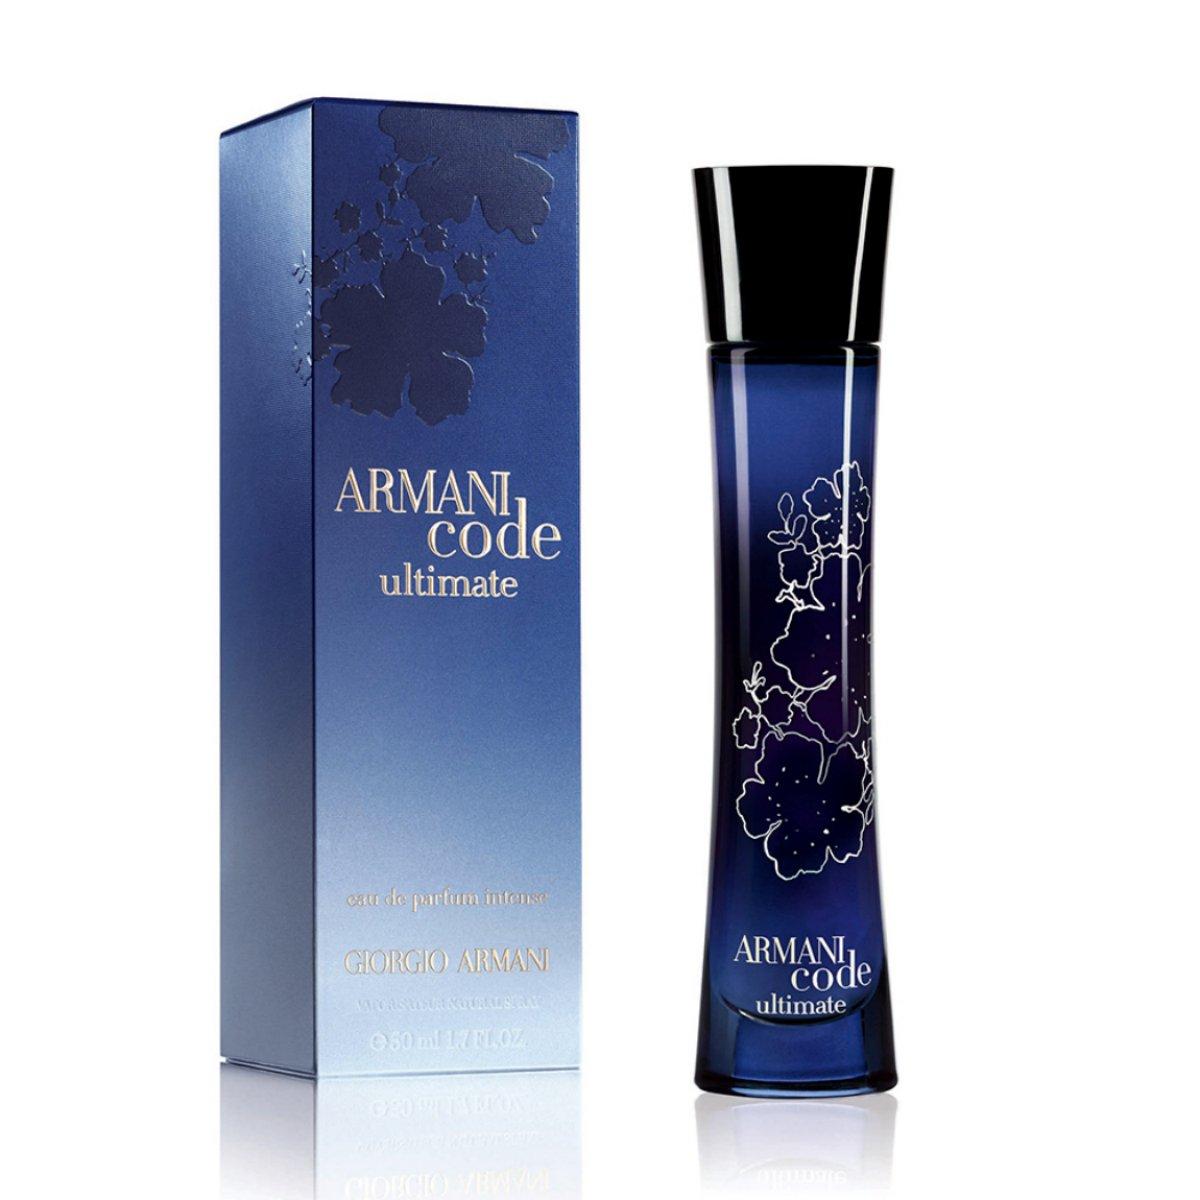 Giorgio Armani code ultimate intense EDP Eau de Parfum SP 50 ml GIORGIO  ARMANI CODE ULTIMATE INTENSE POUR FEMME EAU DE PARFUM SPRAY